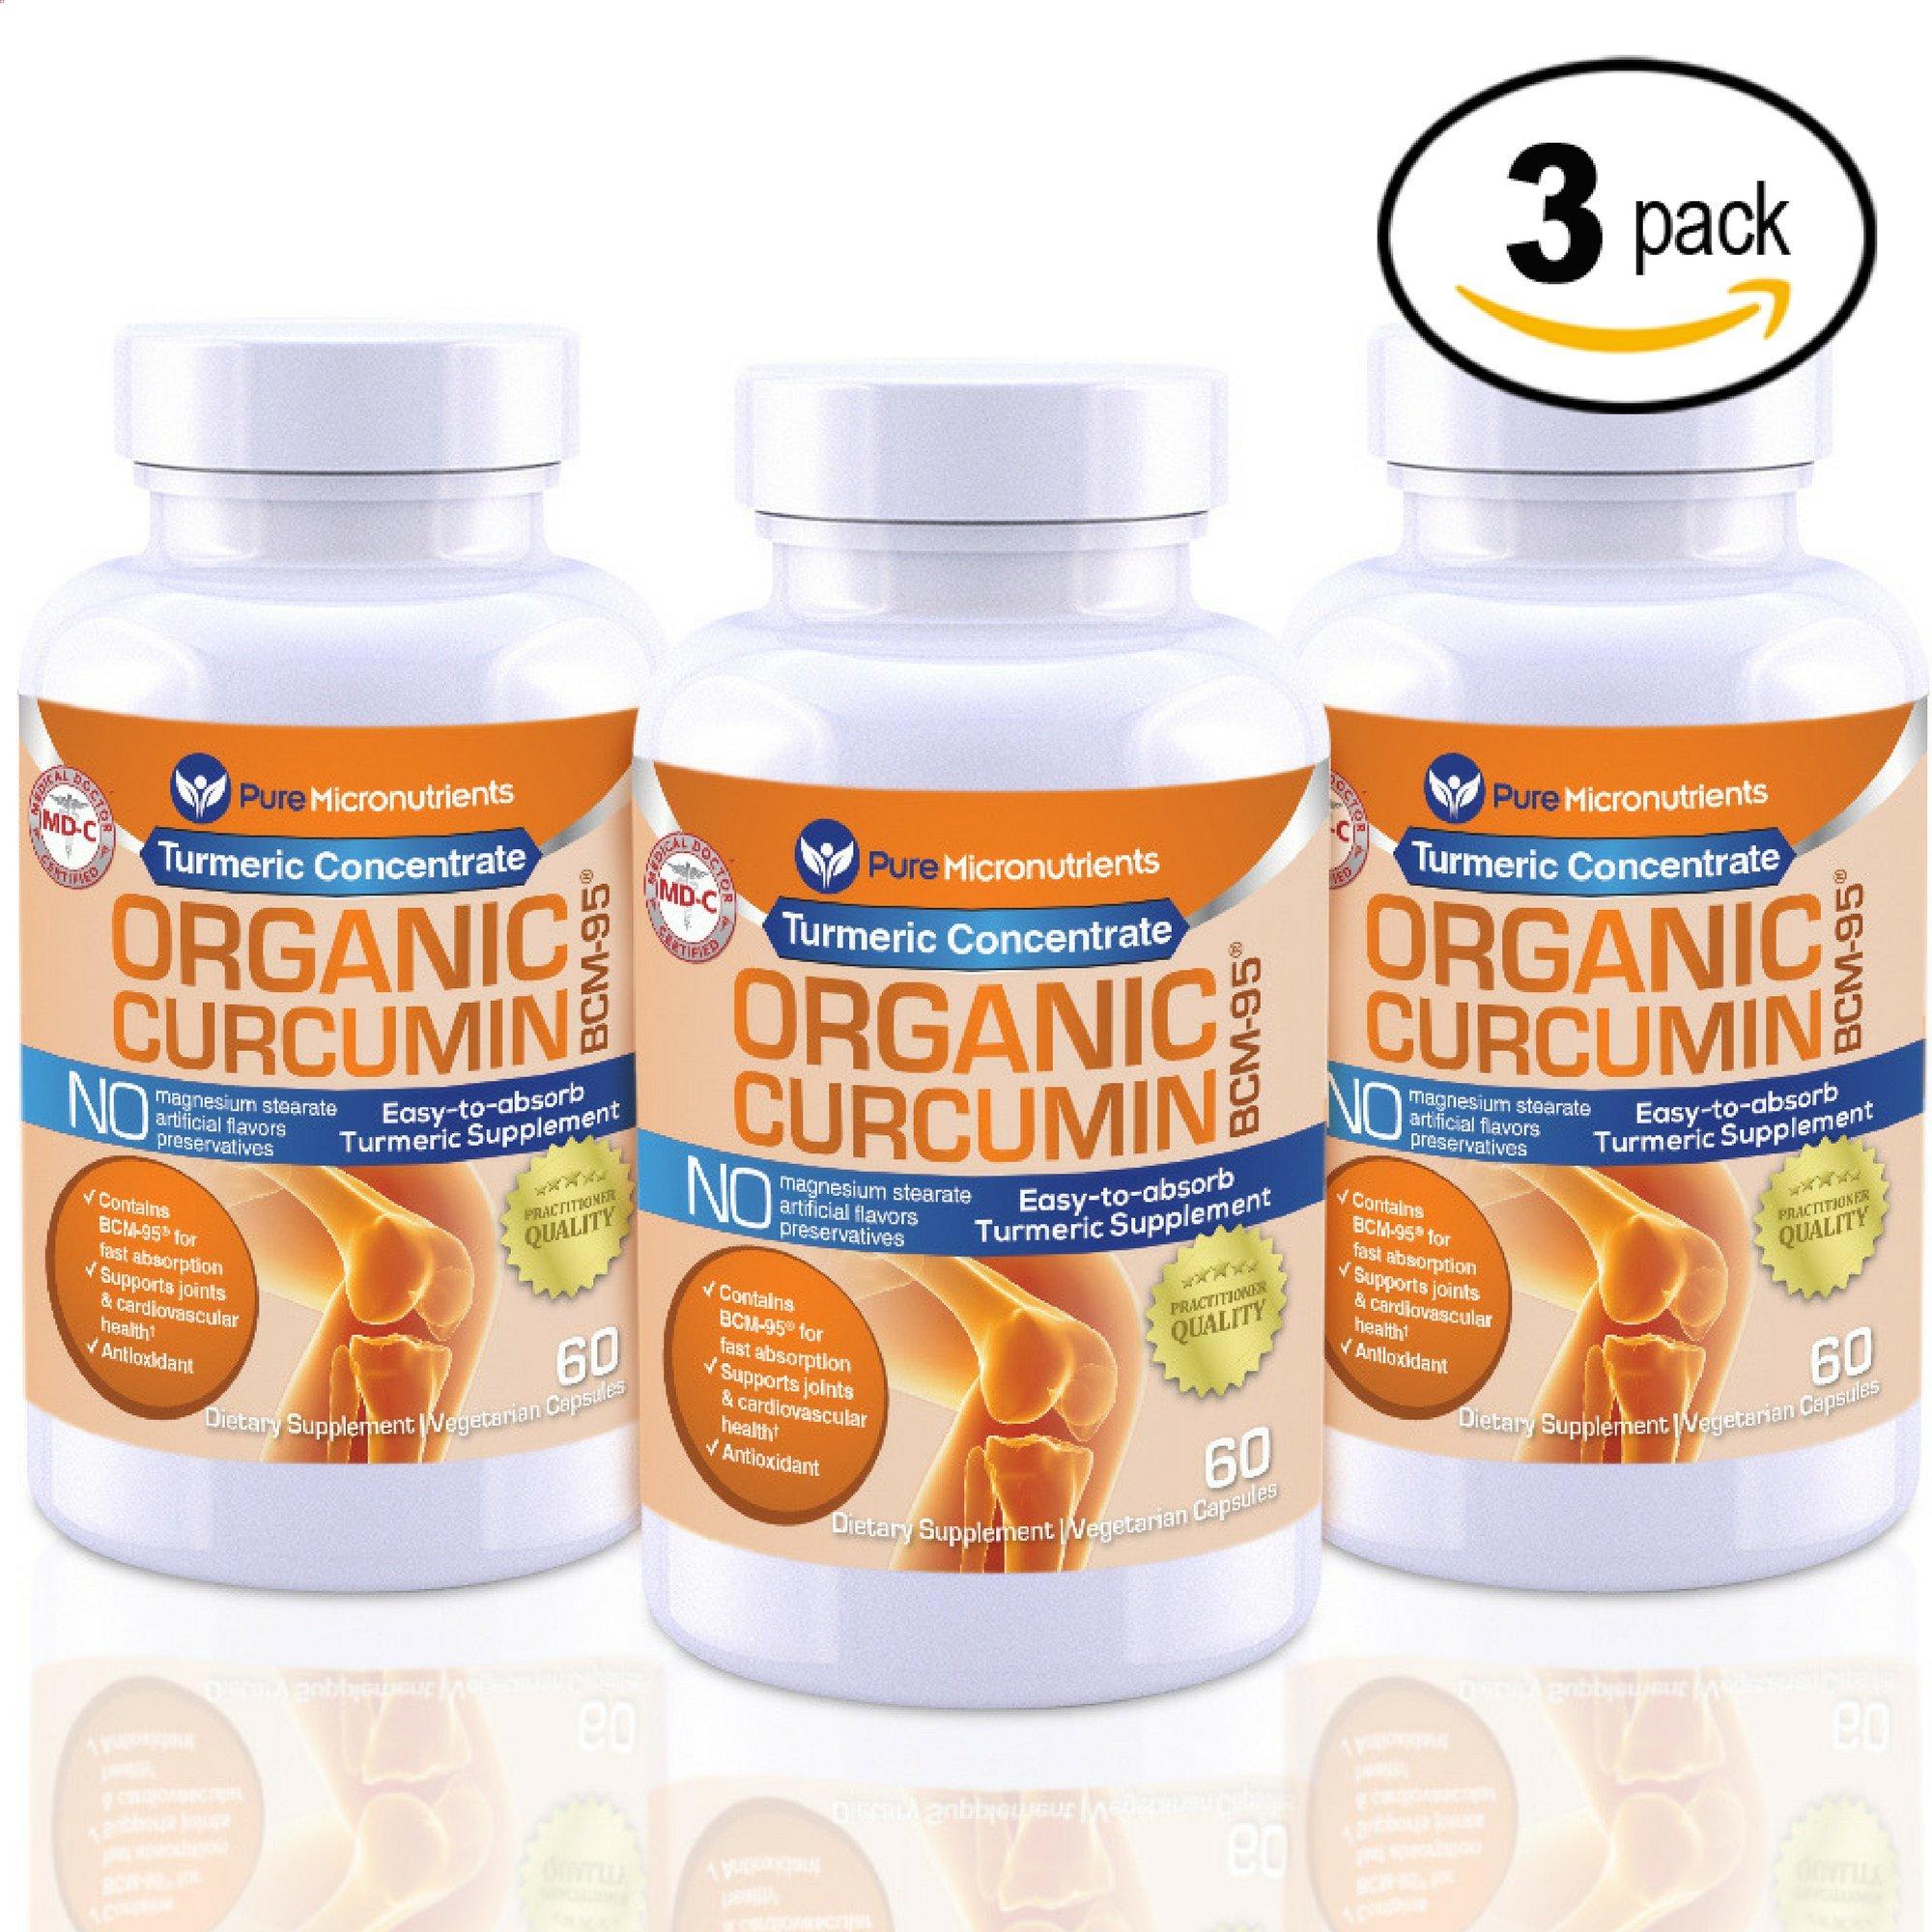 Pure Micronutrients Turmeric Curcumin BCM-95 Supplement + Black Pepper, ORGANIC, Vegan, 60 Veg. Capsules, 1000 mg (Mega 3 Pack!)